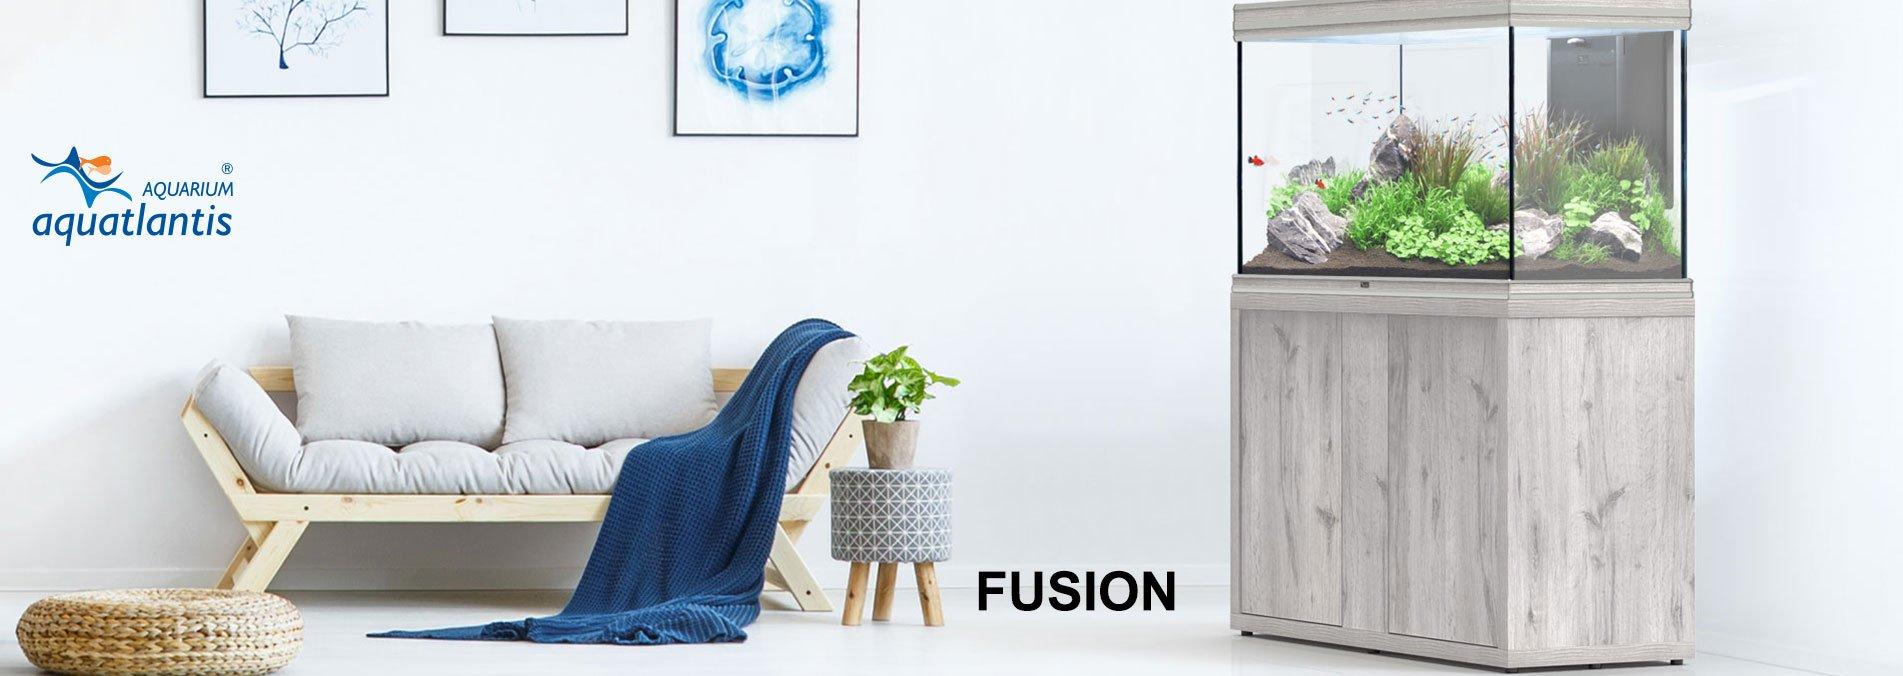 Aquatlantis Fusion Aquarien, Bild 1